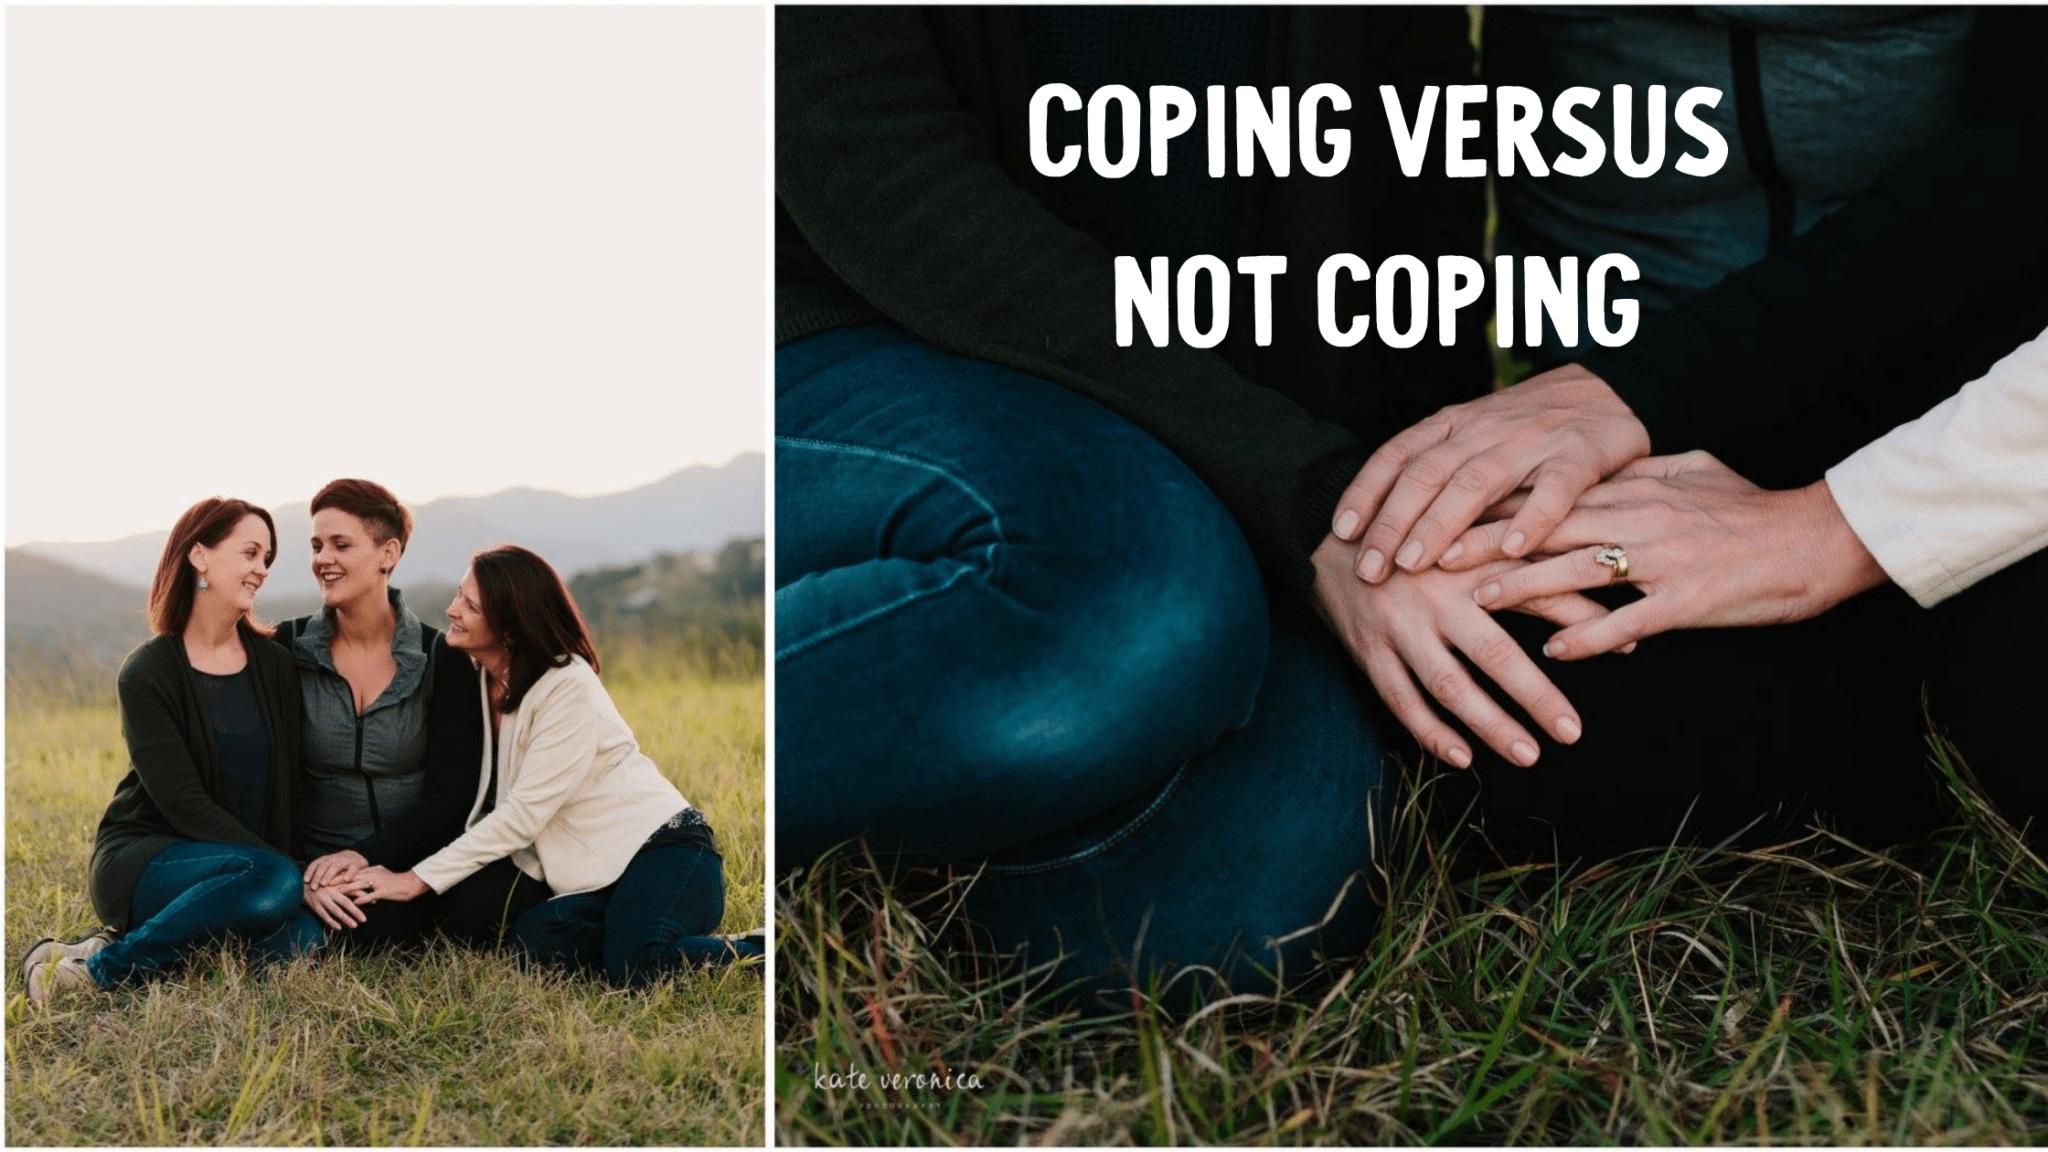 Coping versus not coping